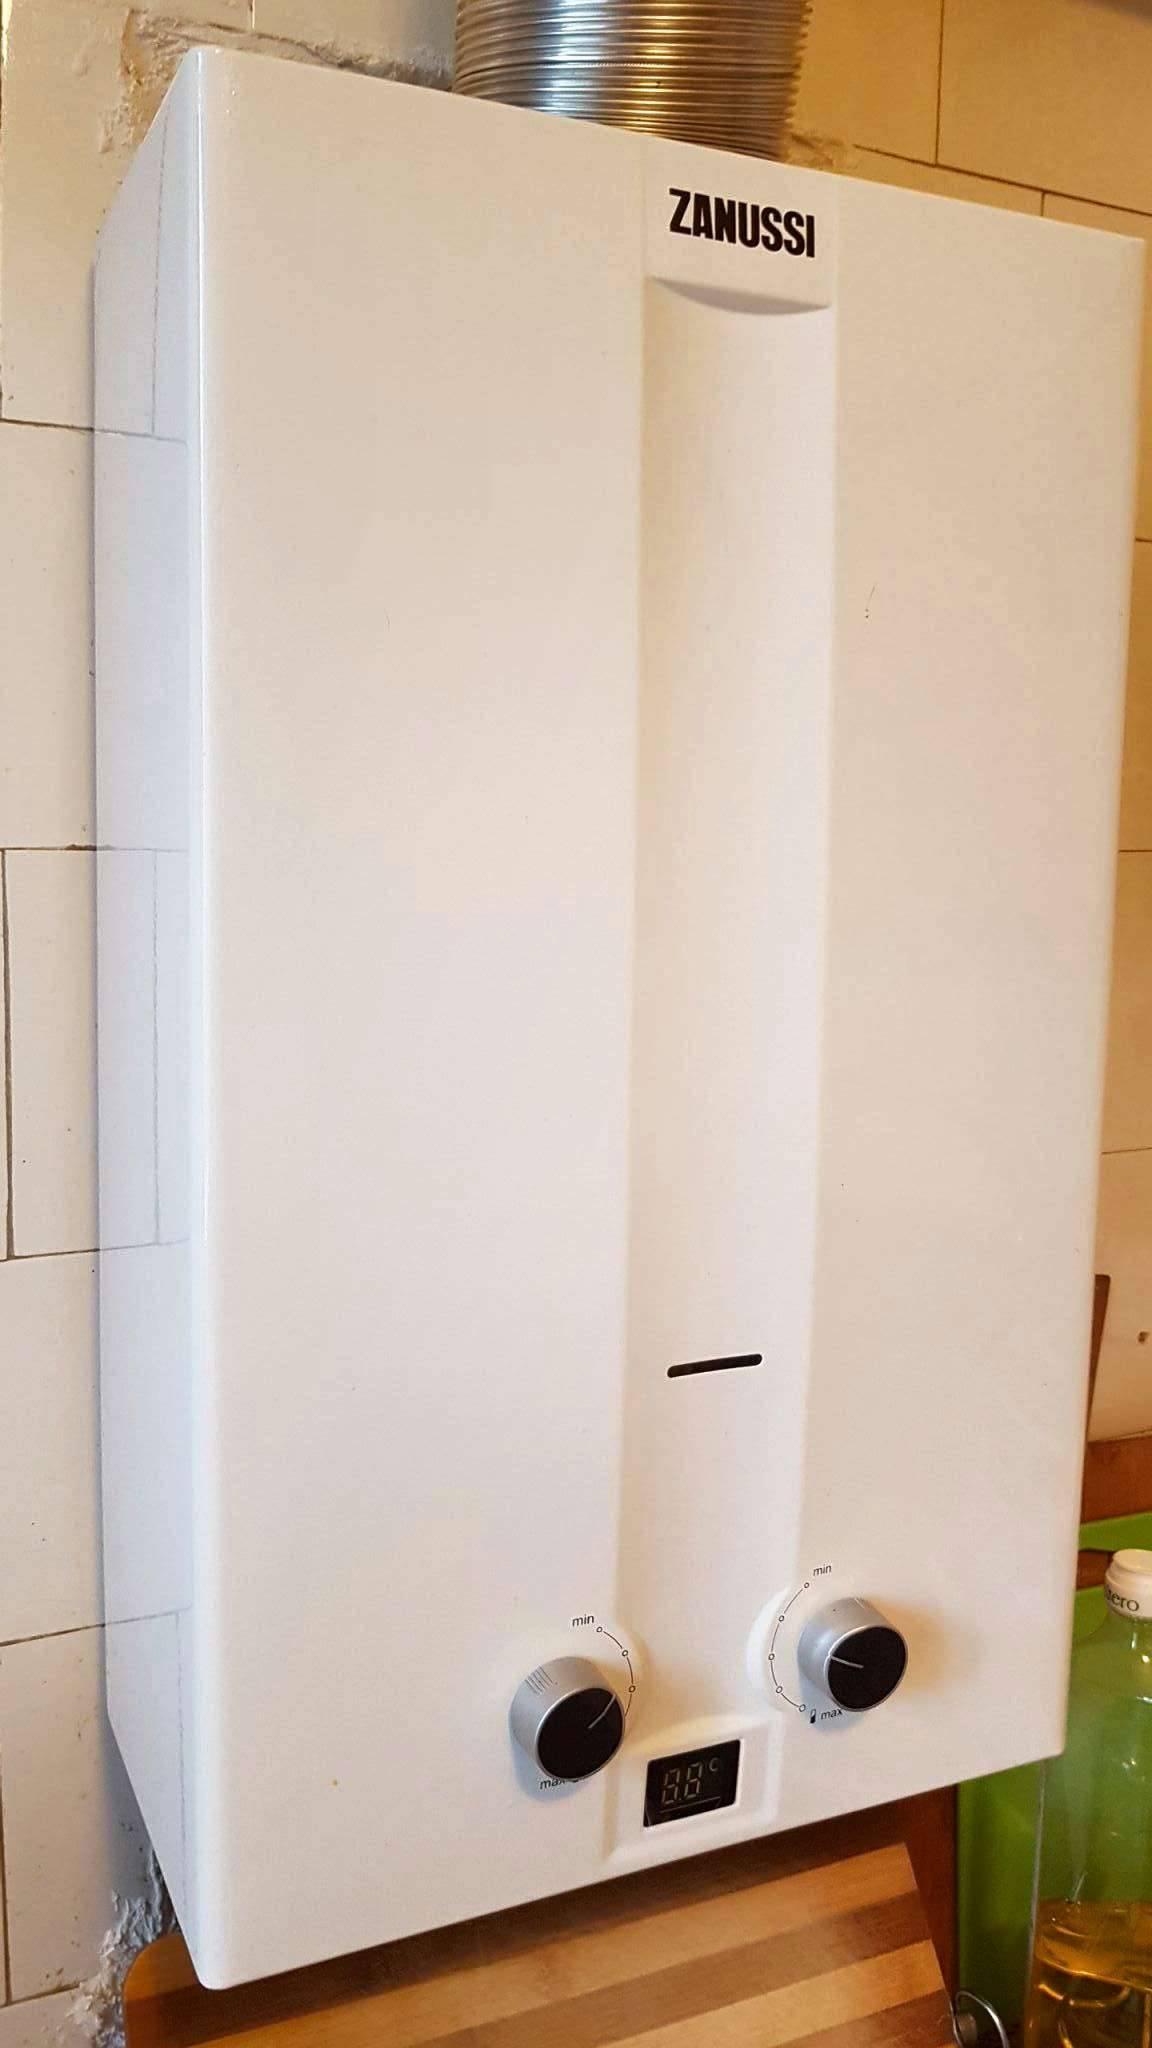 Газовая колонка zanussi: модели gwh 10 и gwh 12 fonte glass la spezia, характеристики, устройство и отзывы специалистов